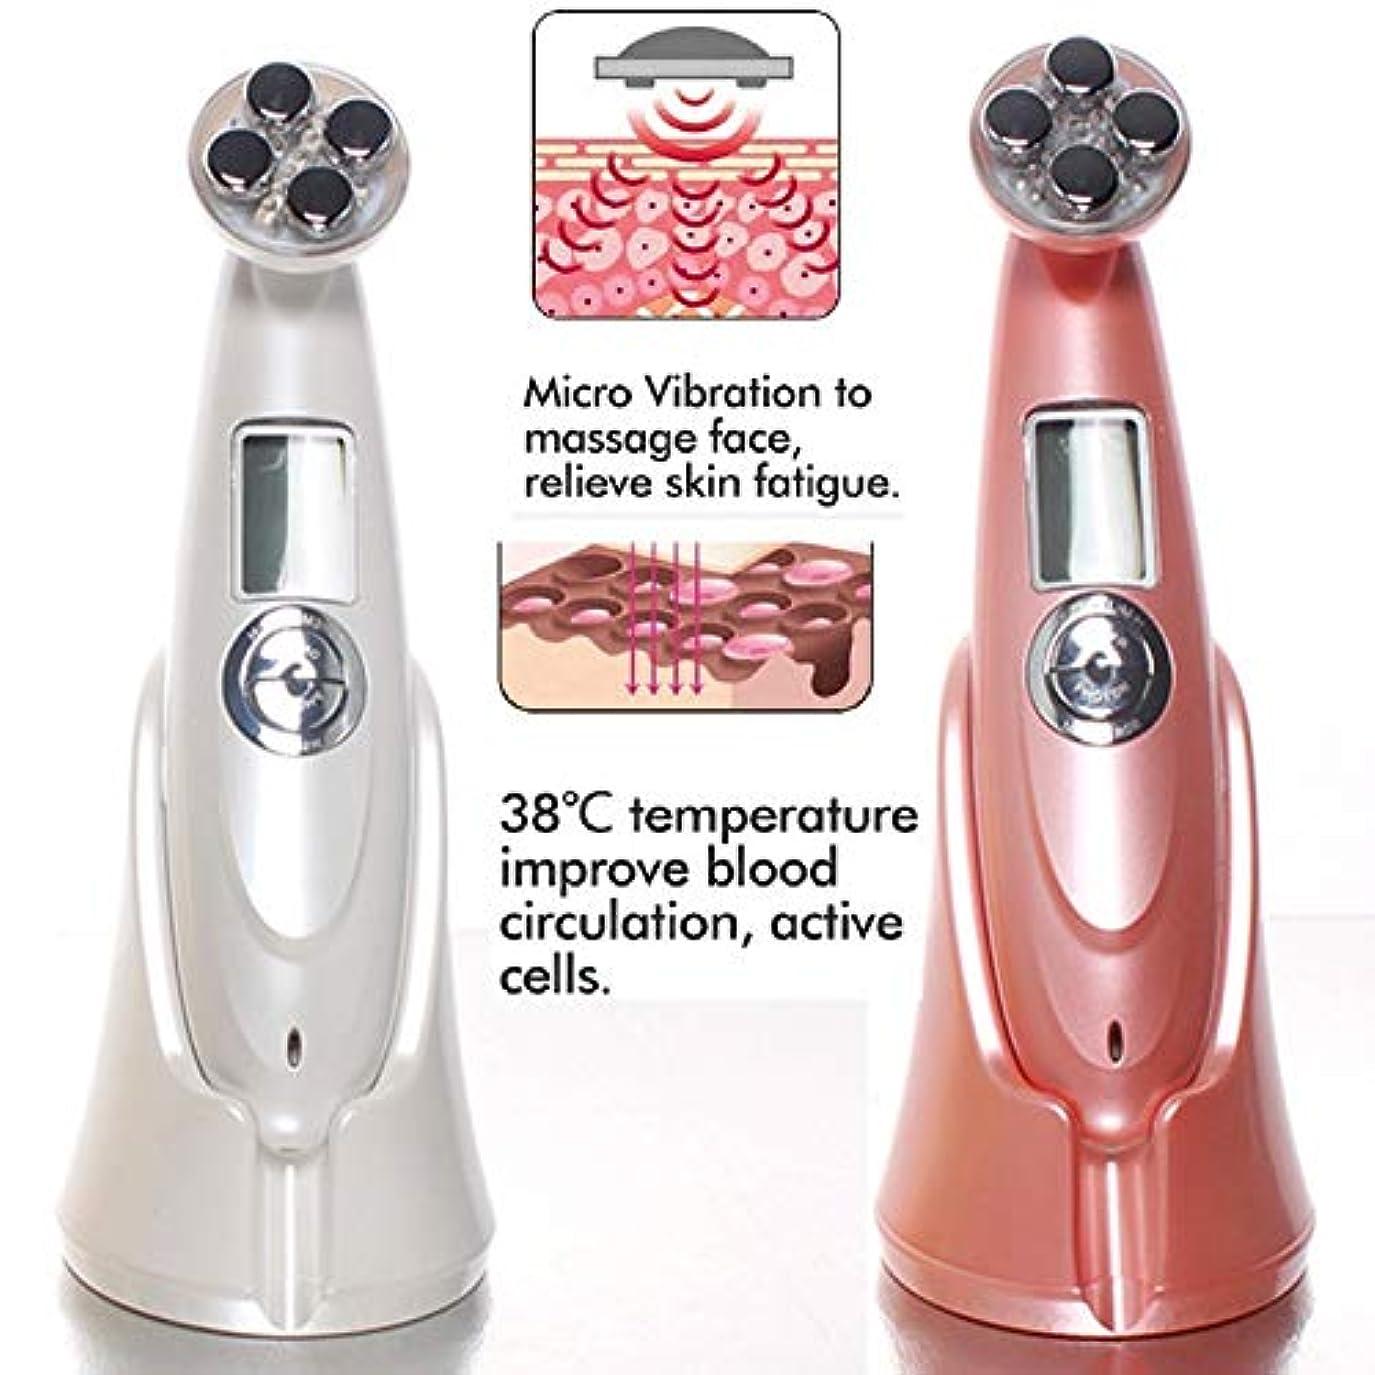 マンハッタン入場料ダイヤルLIZIB 超音波EMS美容器具LEDアップグレード版フェイシャルマッサージ器具家庭用皮膚引き締め電子美容器具 (Color : Pink, Size : 180*5*6CM)